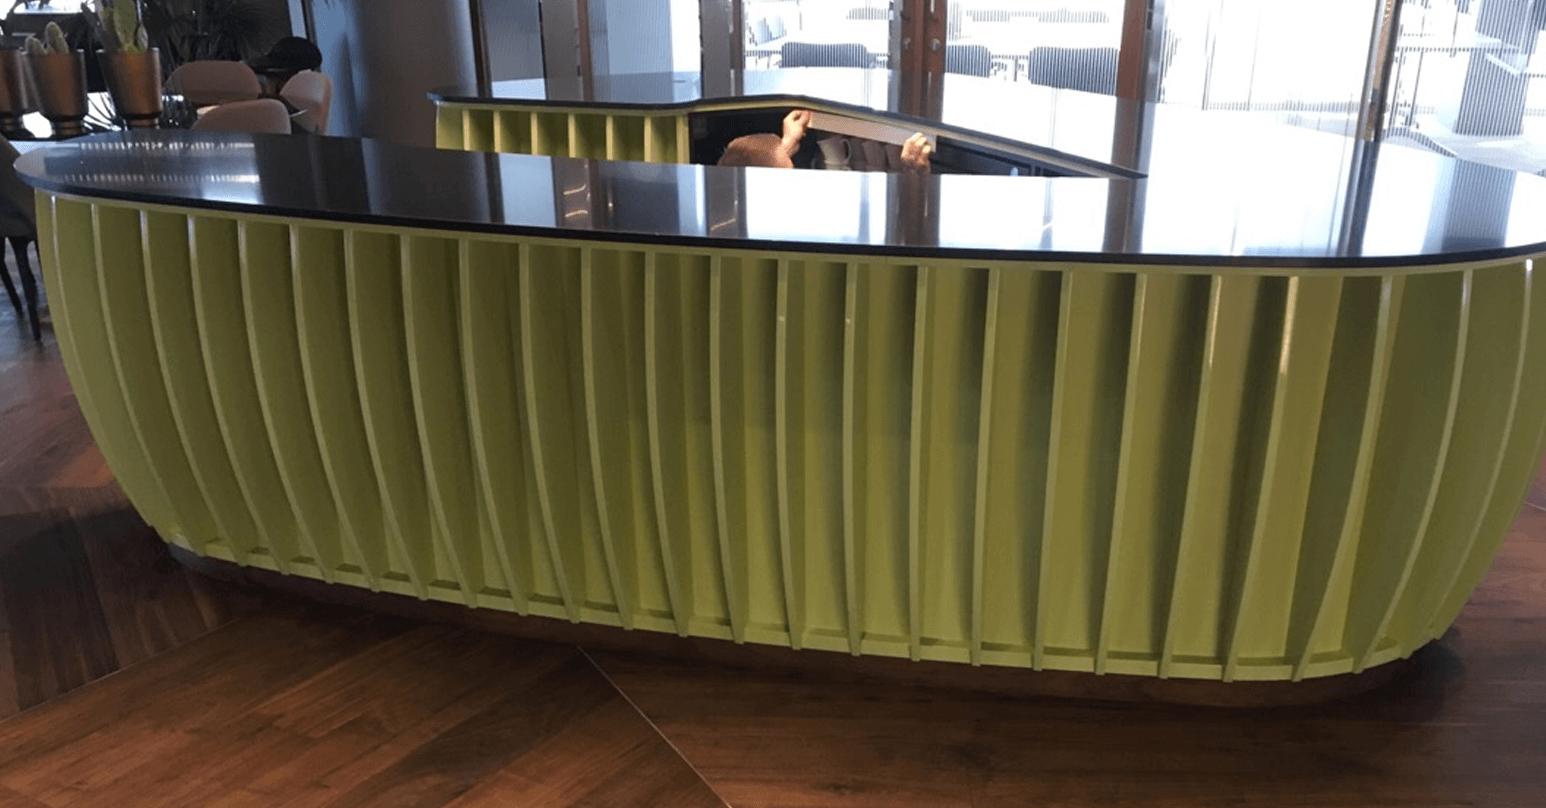 Laminate bar - Before repair